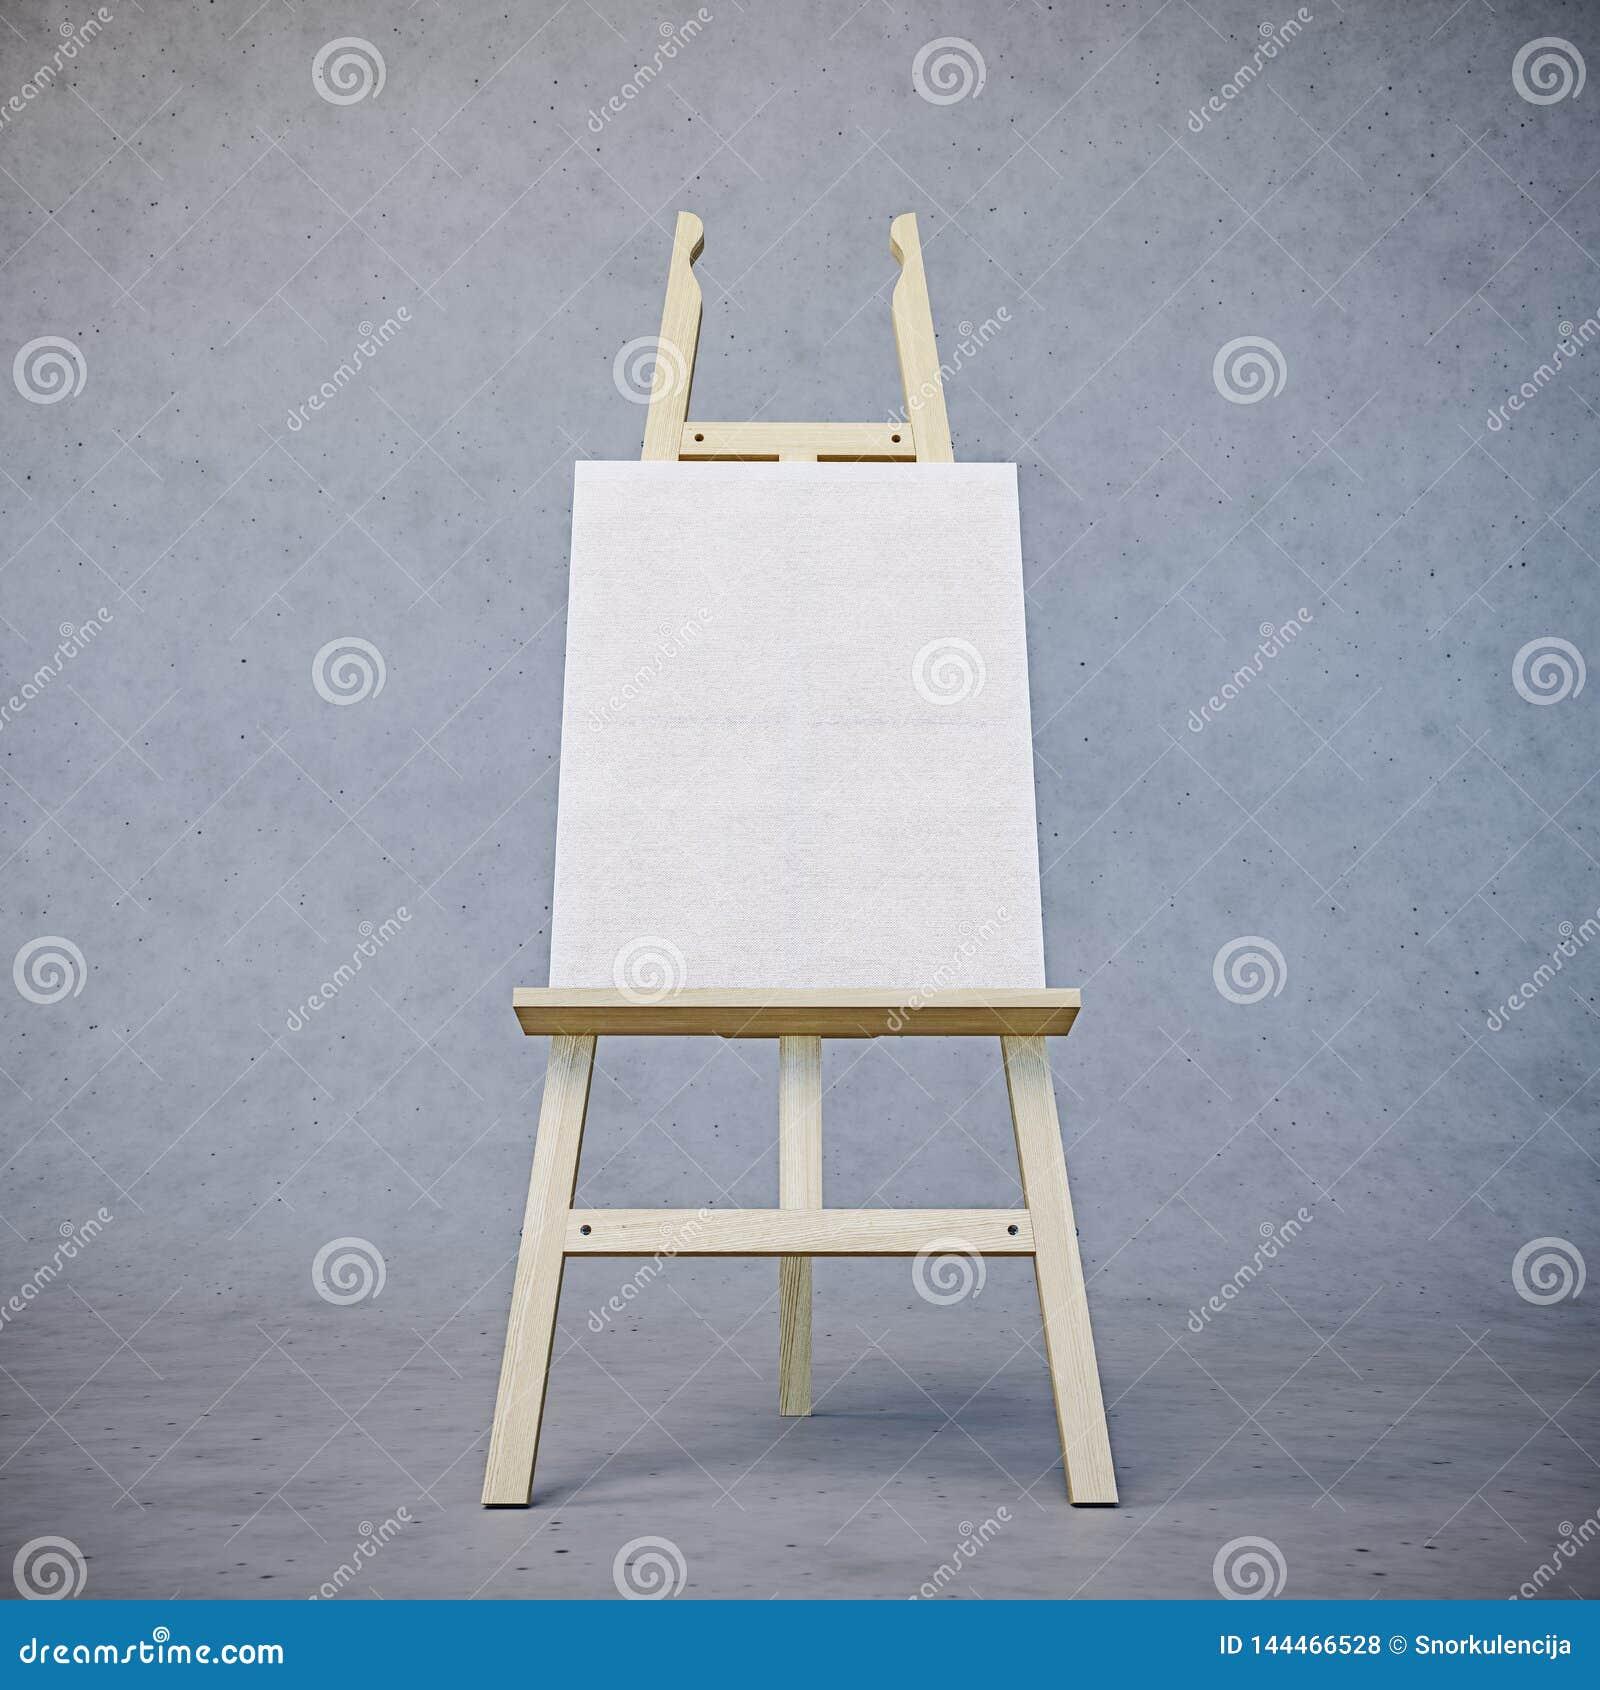 Caballete de madera de pintura del soporte con el tablero en blanco de la muestra del cartel de la lona aislado en fondo concreto